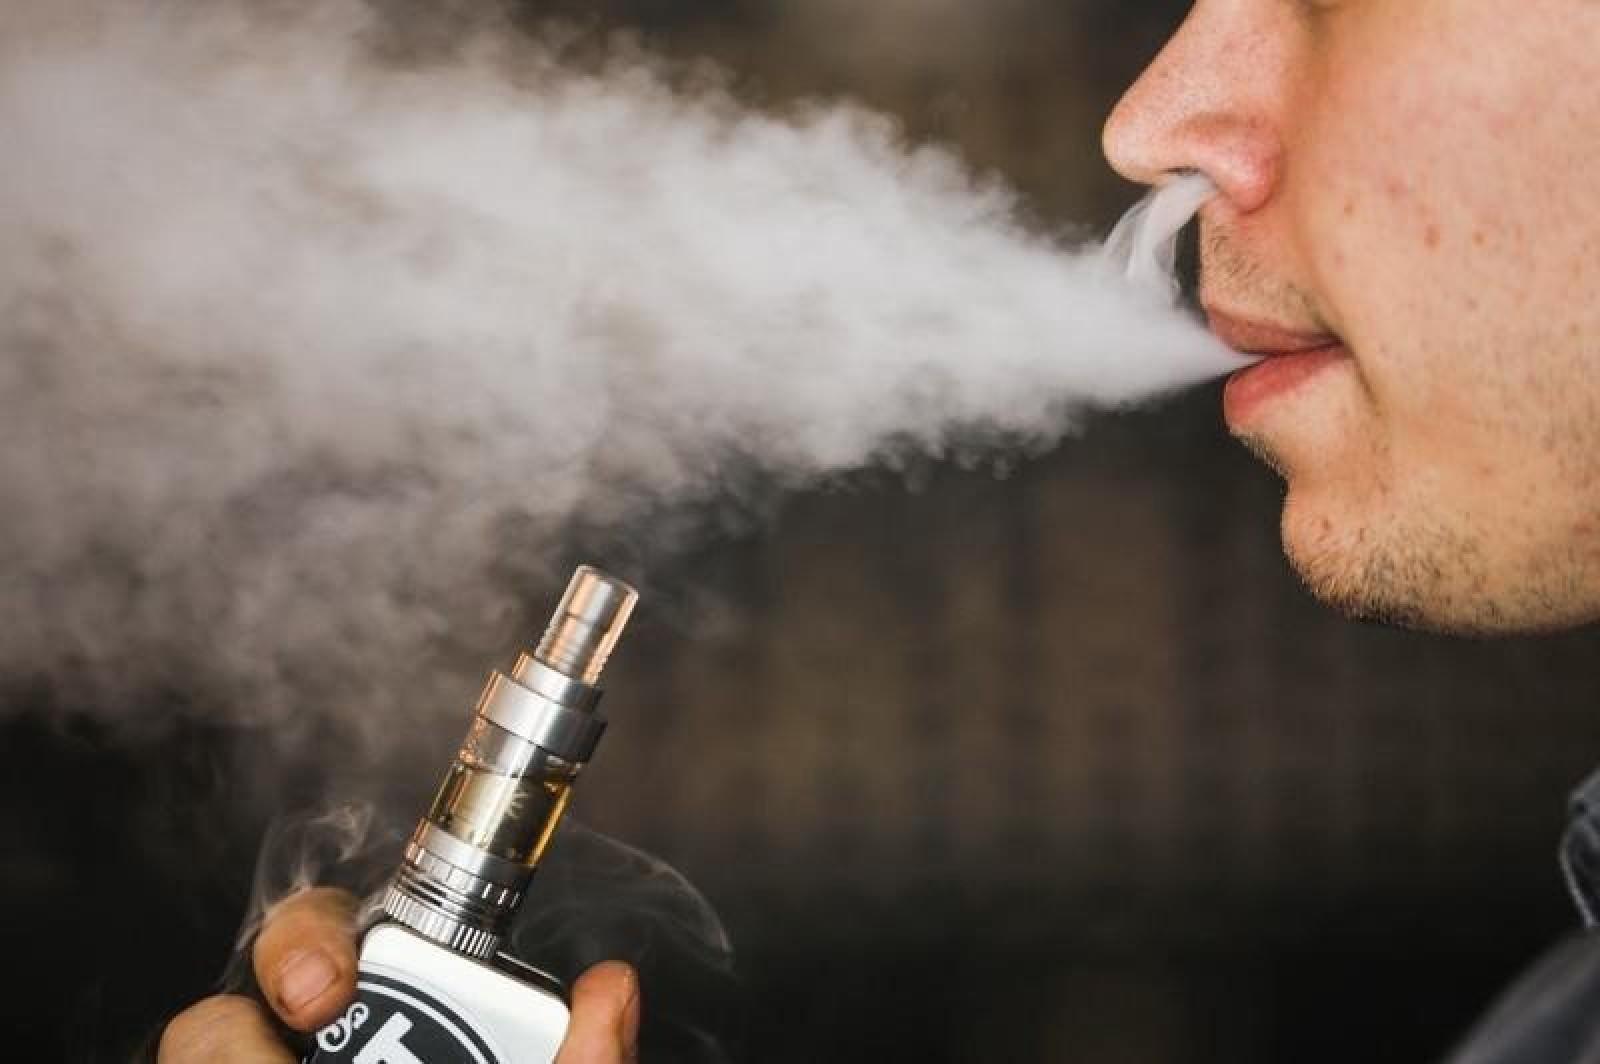 Raport al Ministerului Sănătății din Marea Britanie: Țigările electronice sunt cu 95% mai puțin nocive decât țigările clasice